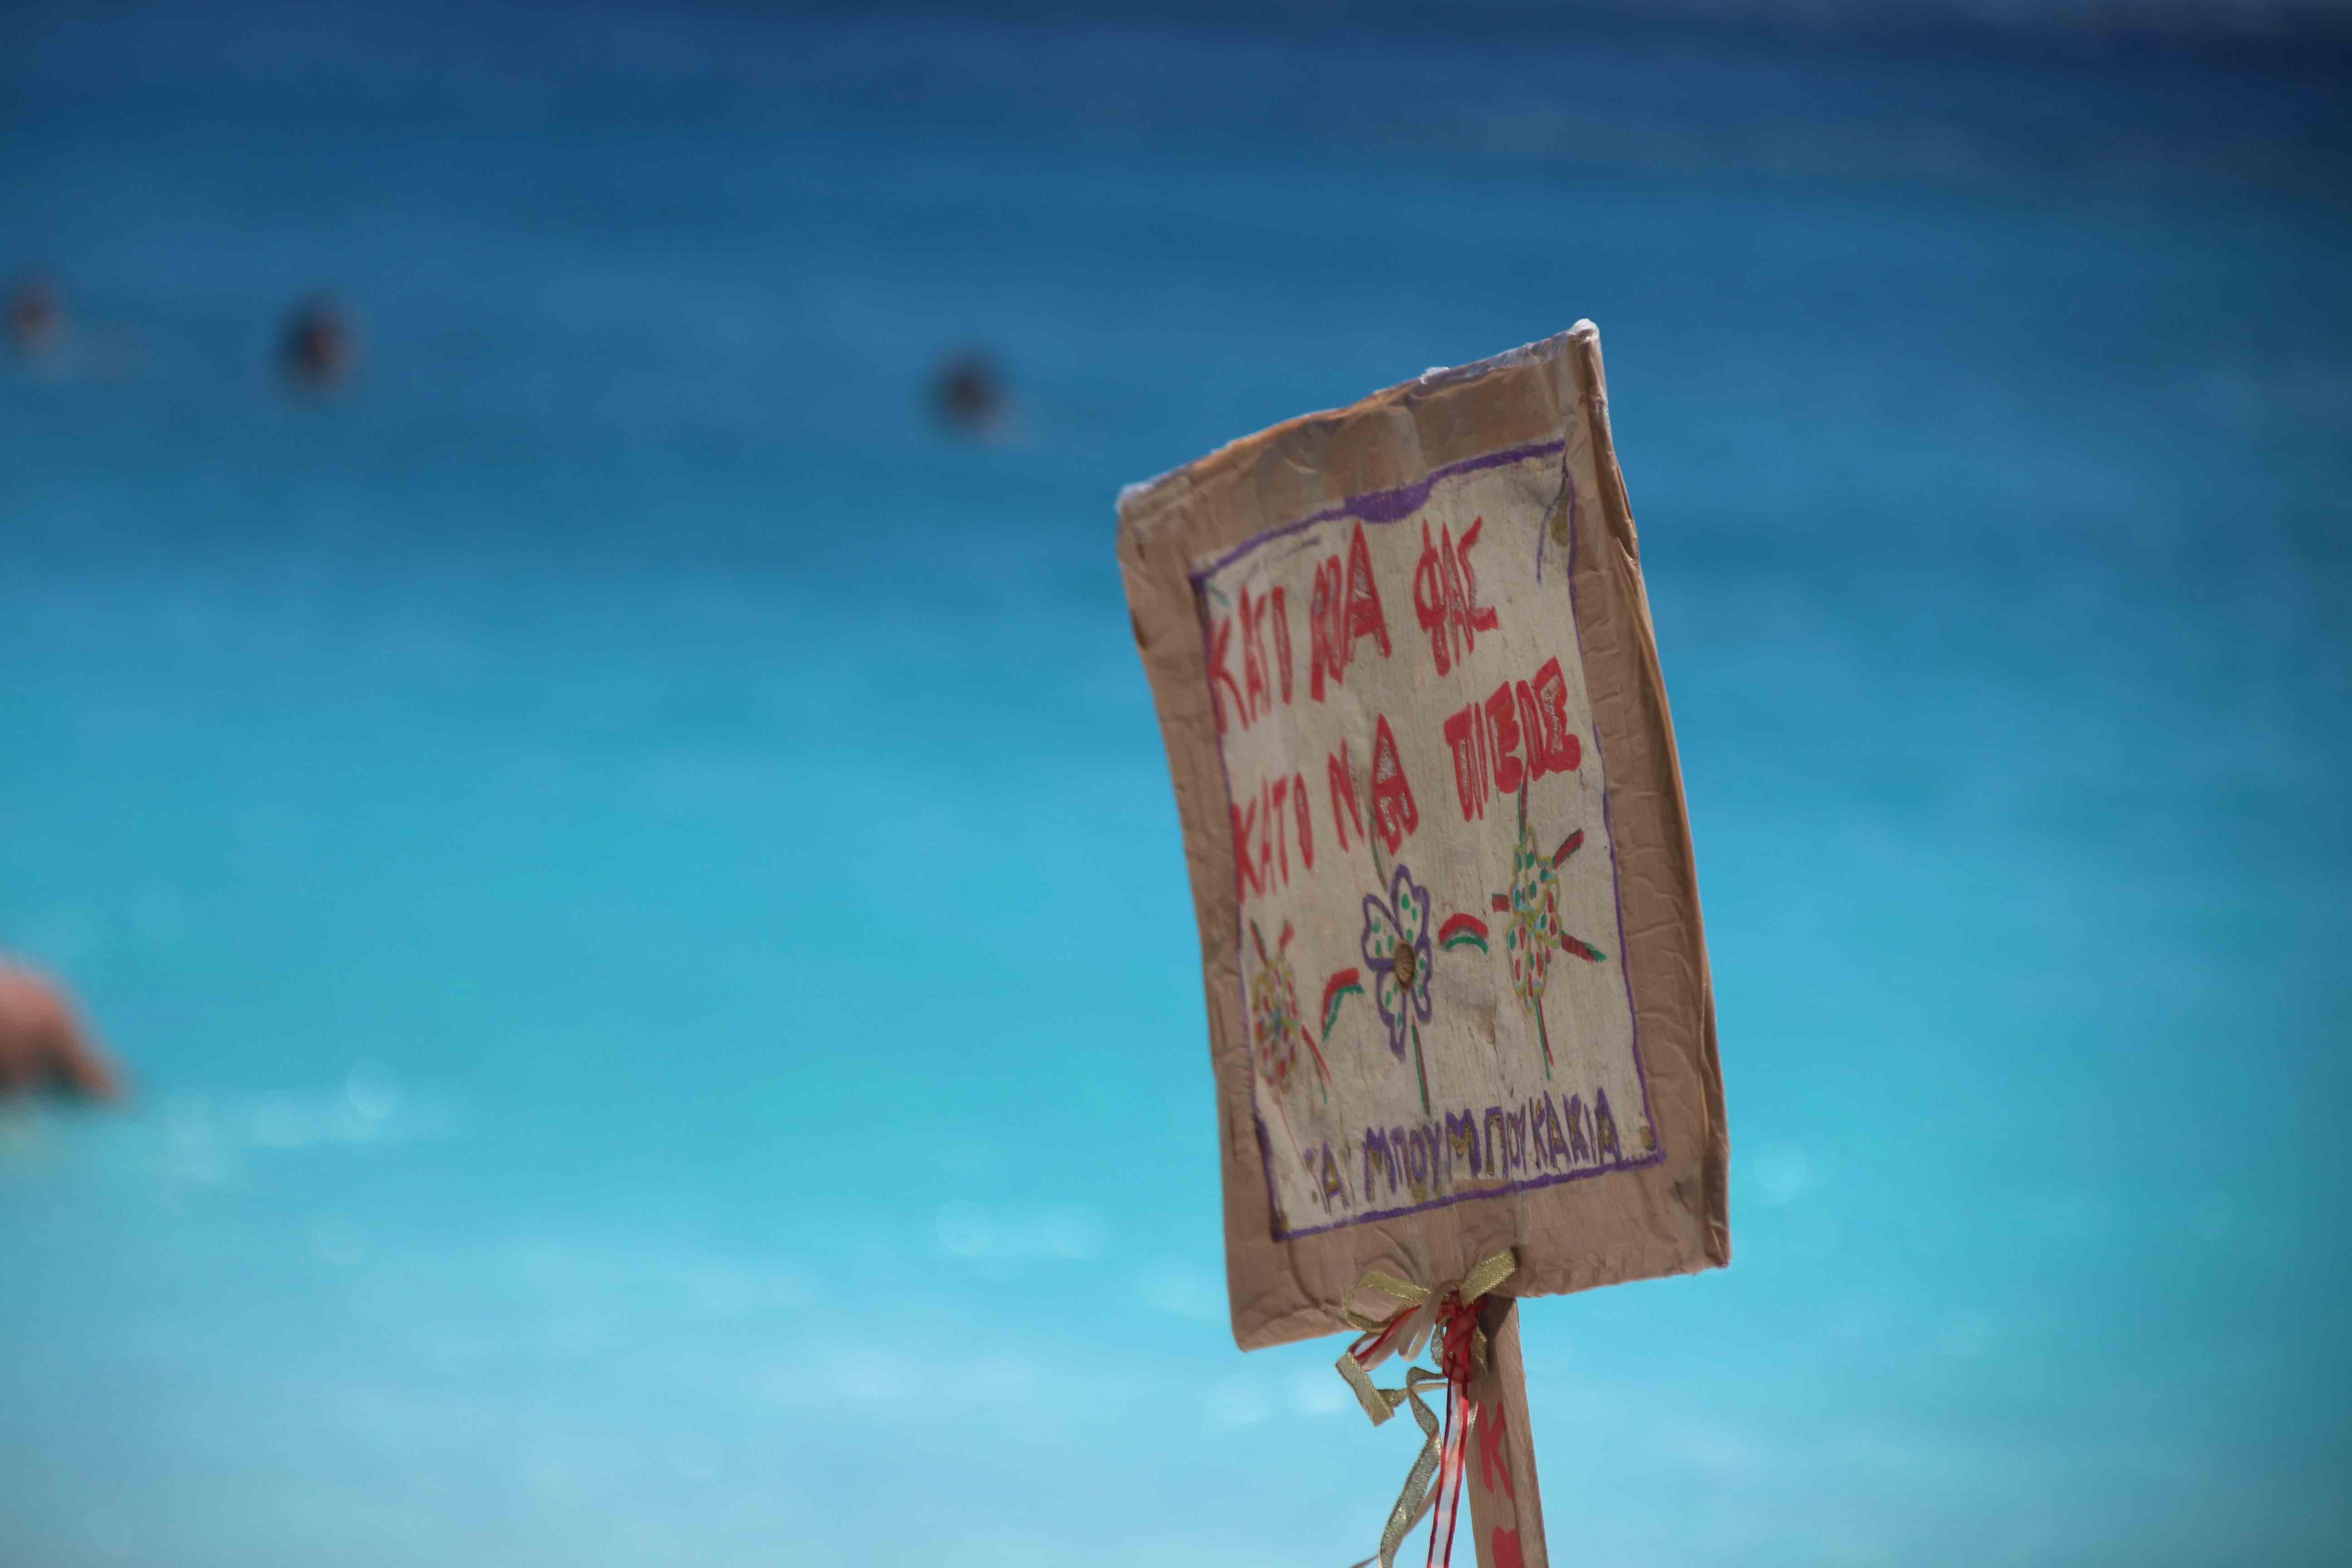 Διακοπές στην Ικαρία – Παραλίες,πανηγύρια,φαγητό και ξεκούραση!